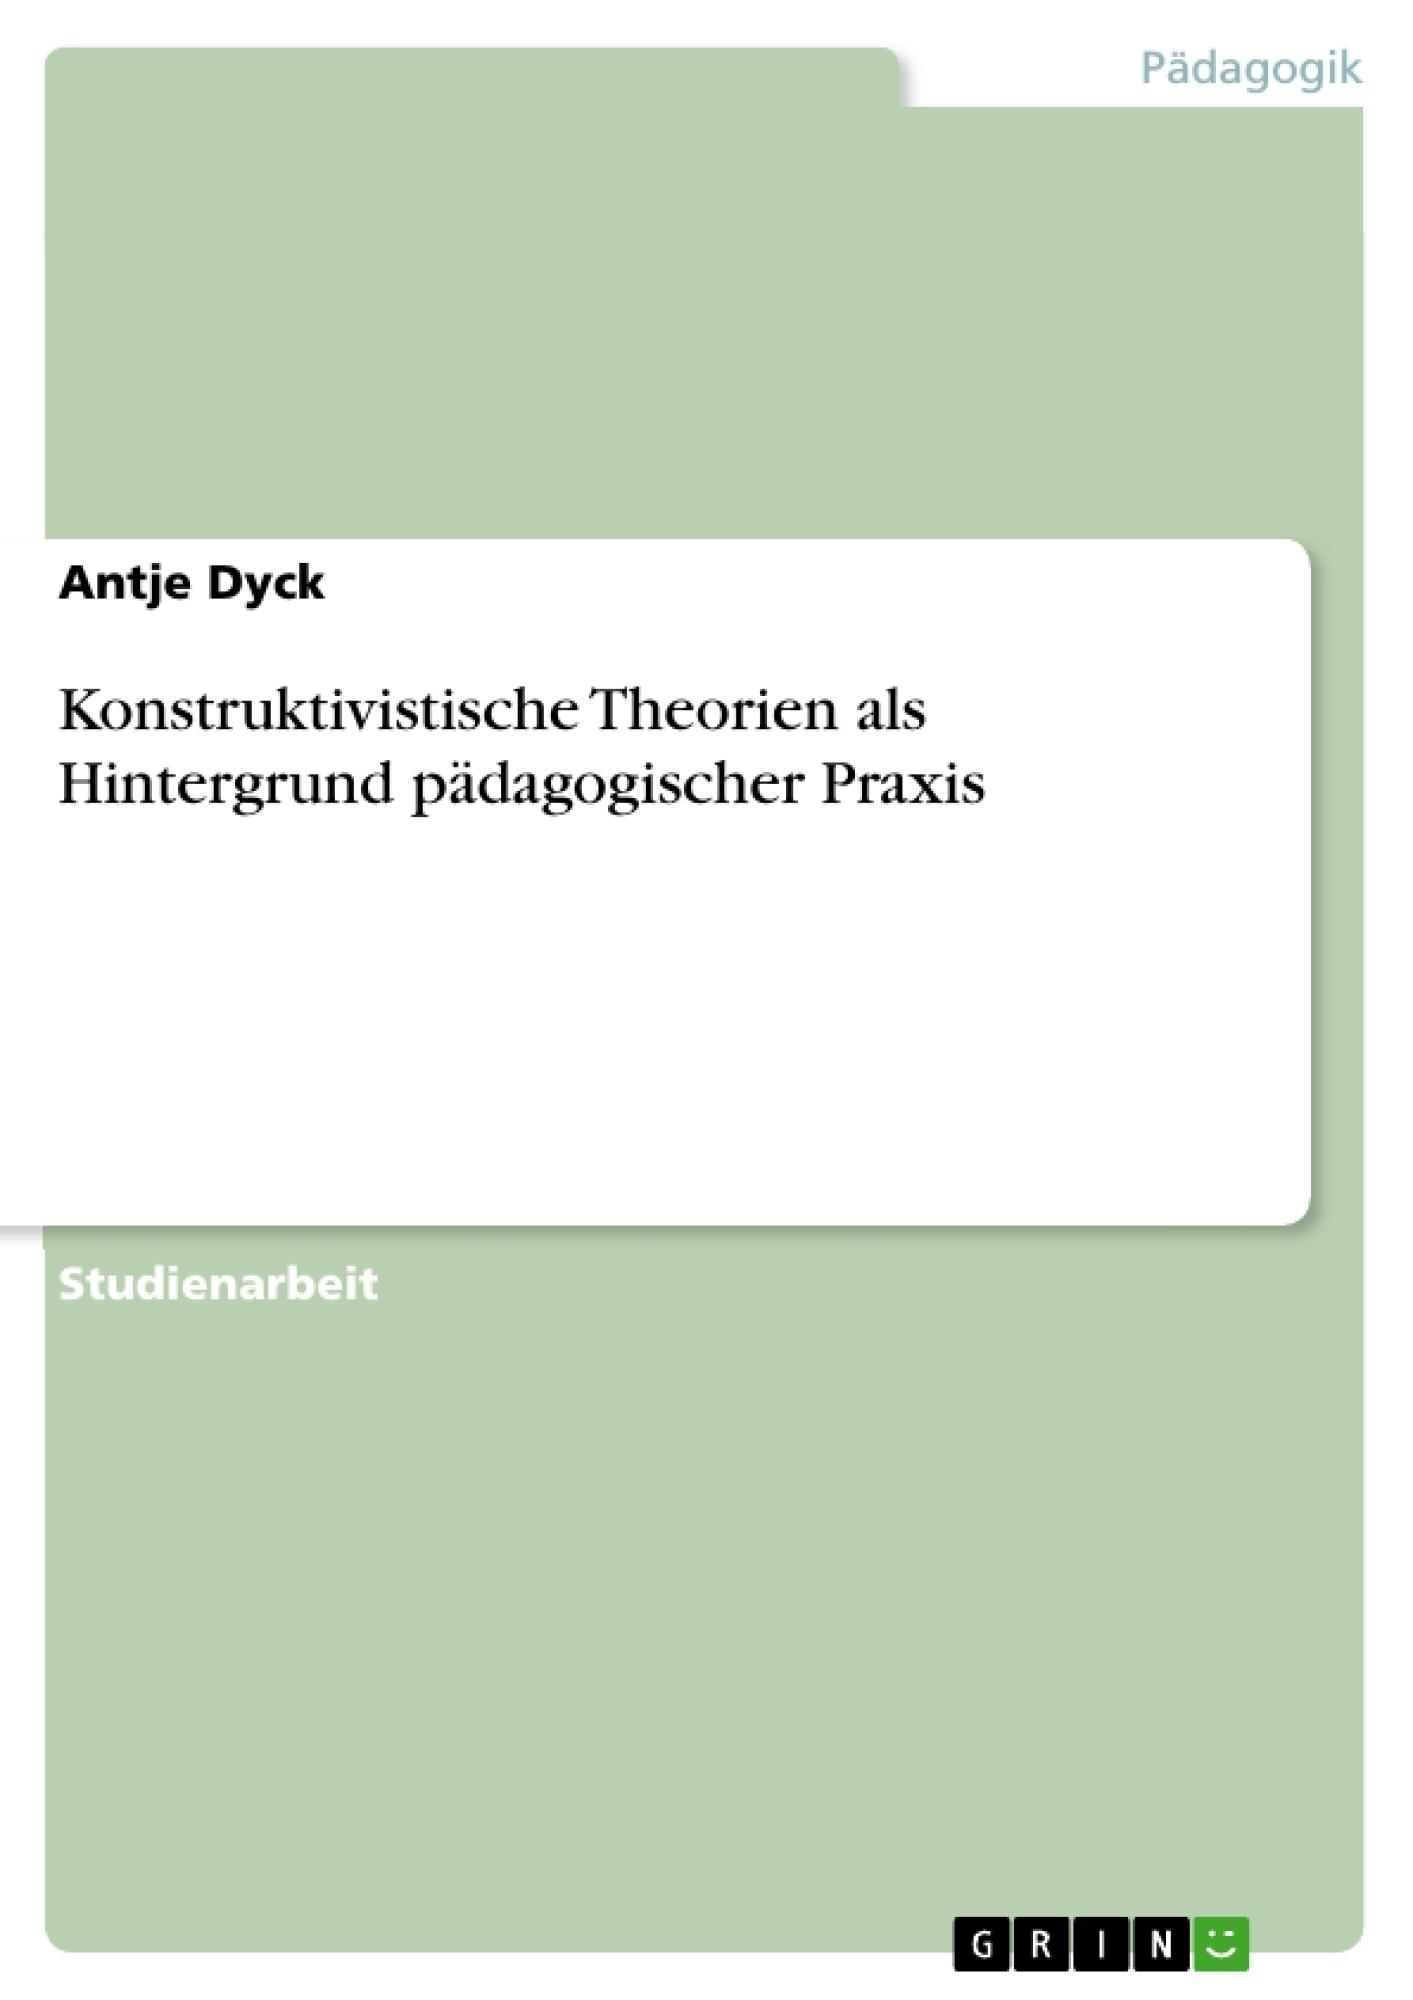 Titel: Konstruktivistische Theorien als Hintergrund pädagogischer Praxis